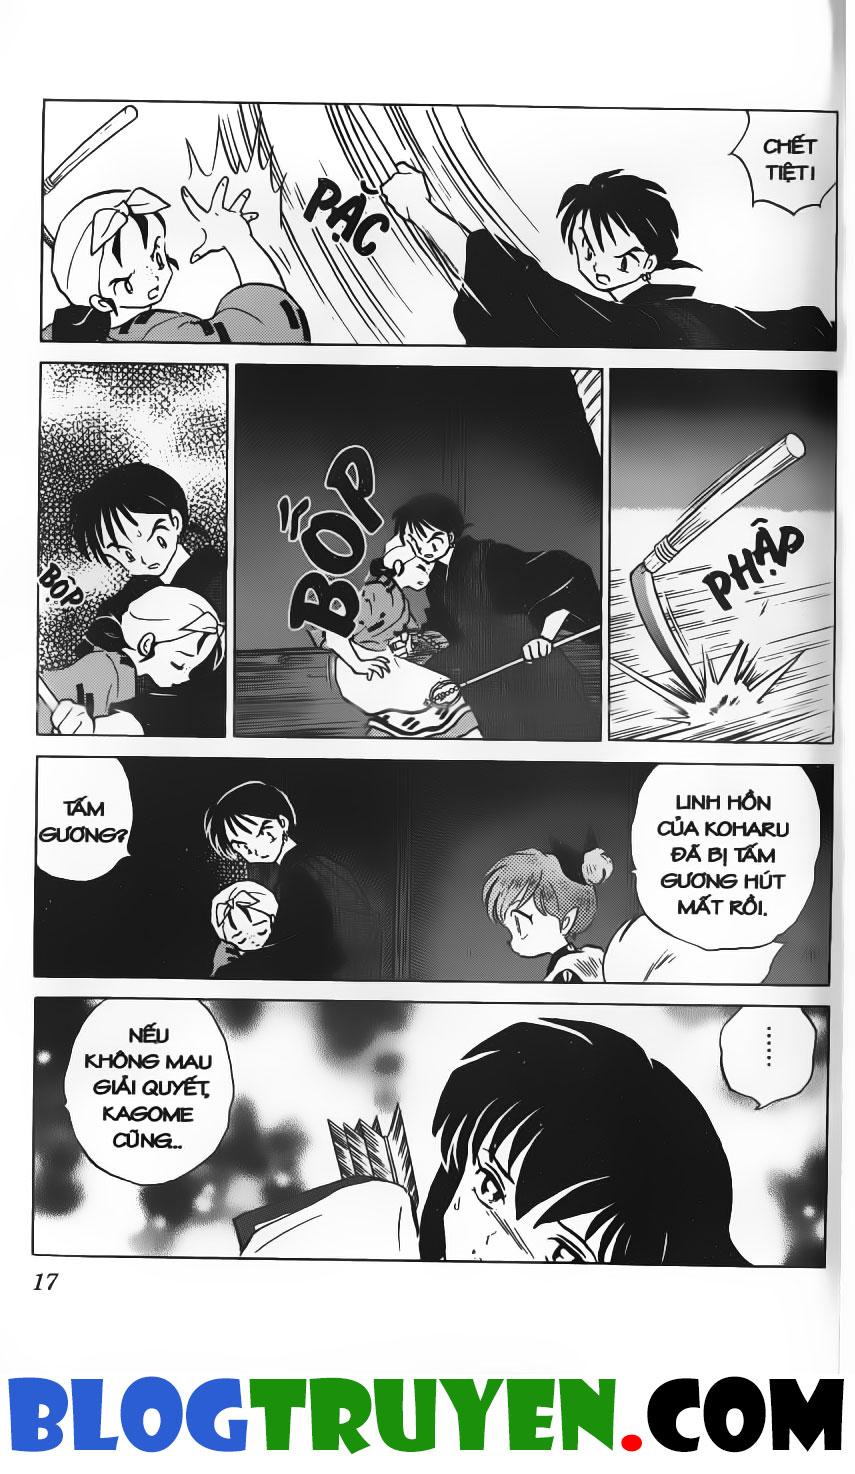 Inuyasha vol 16.1 trang 16